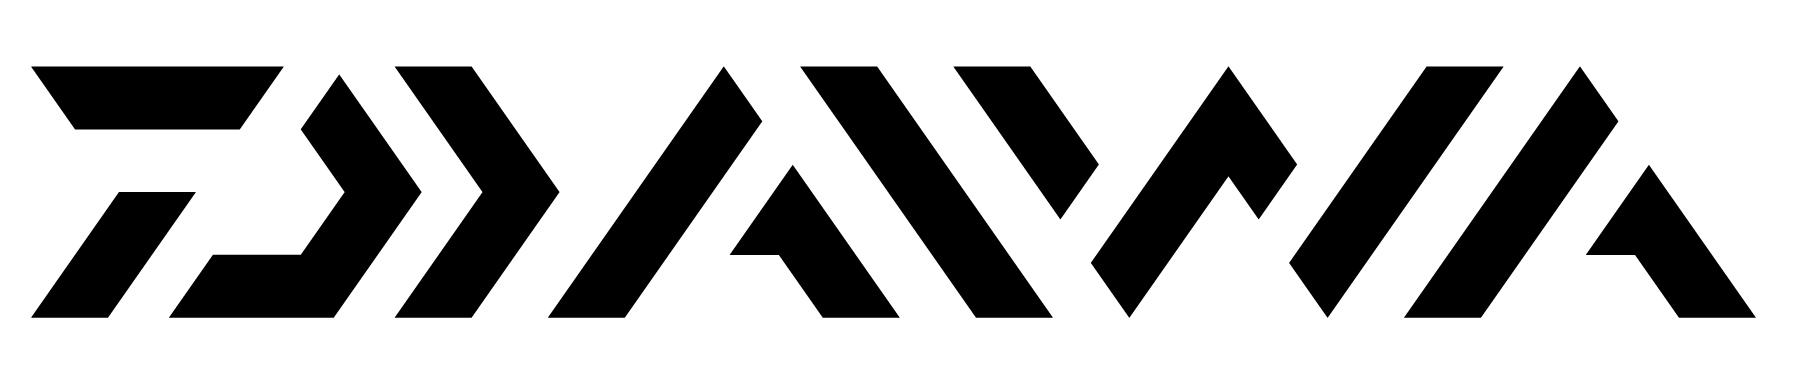 Varumärken - Daiwa